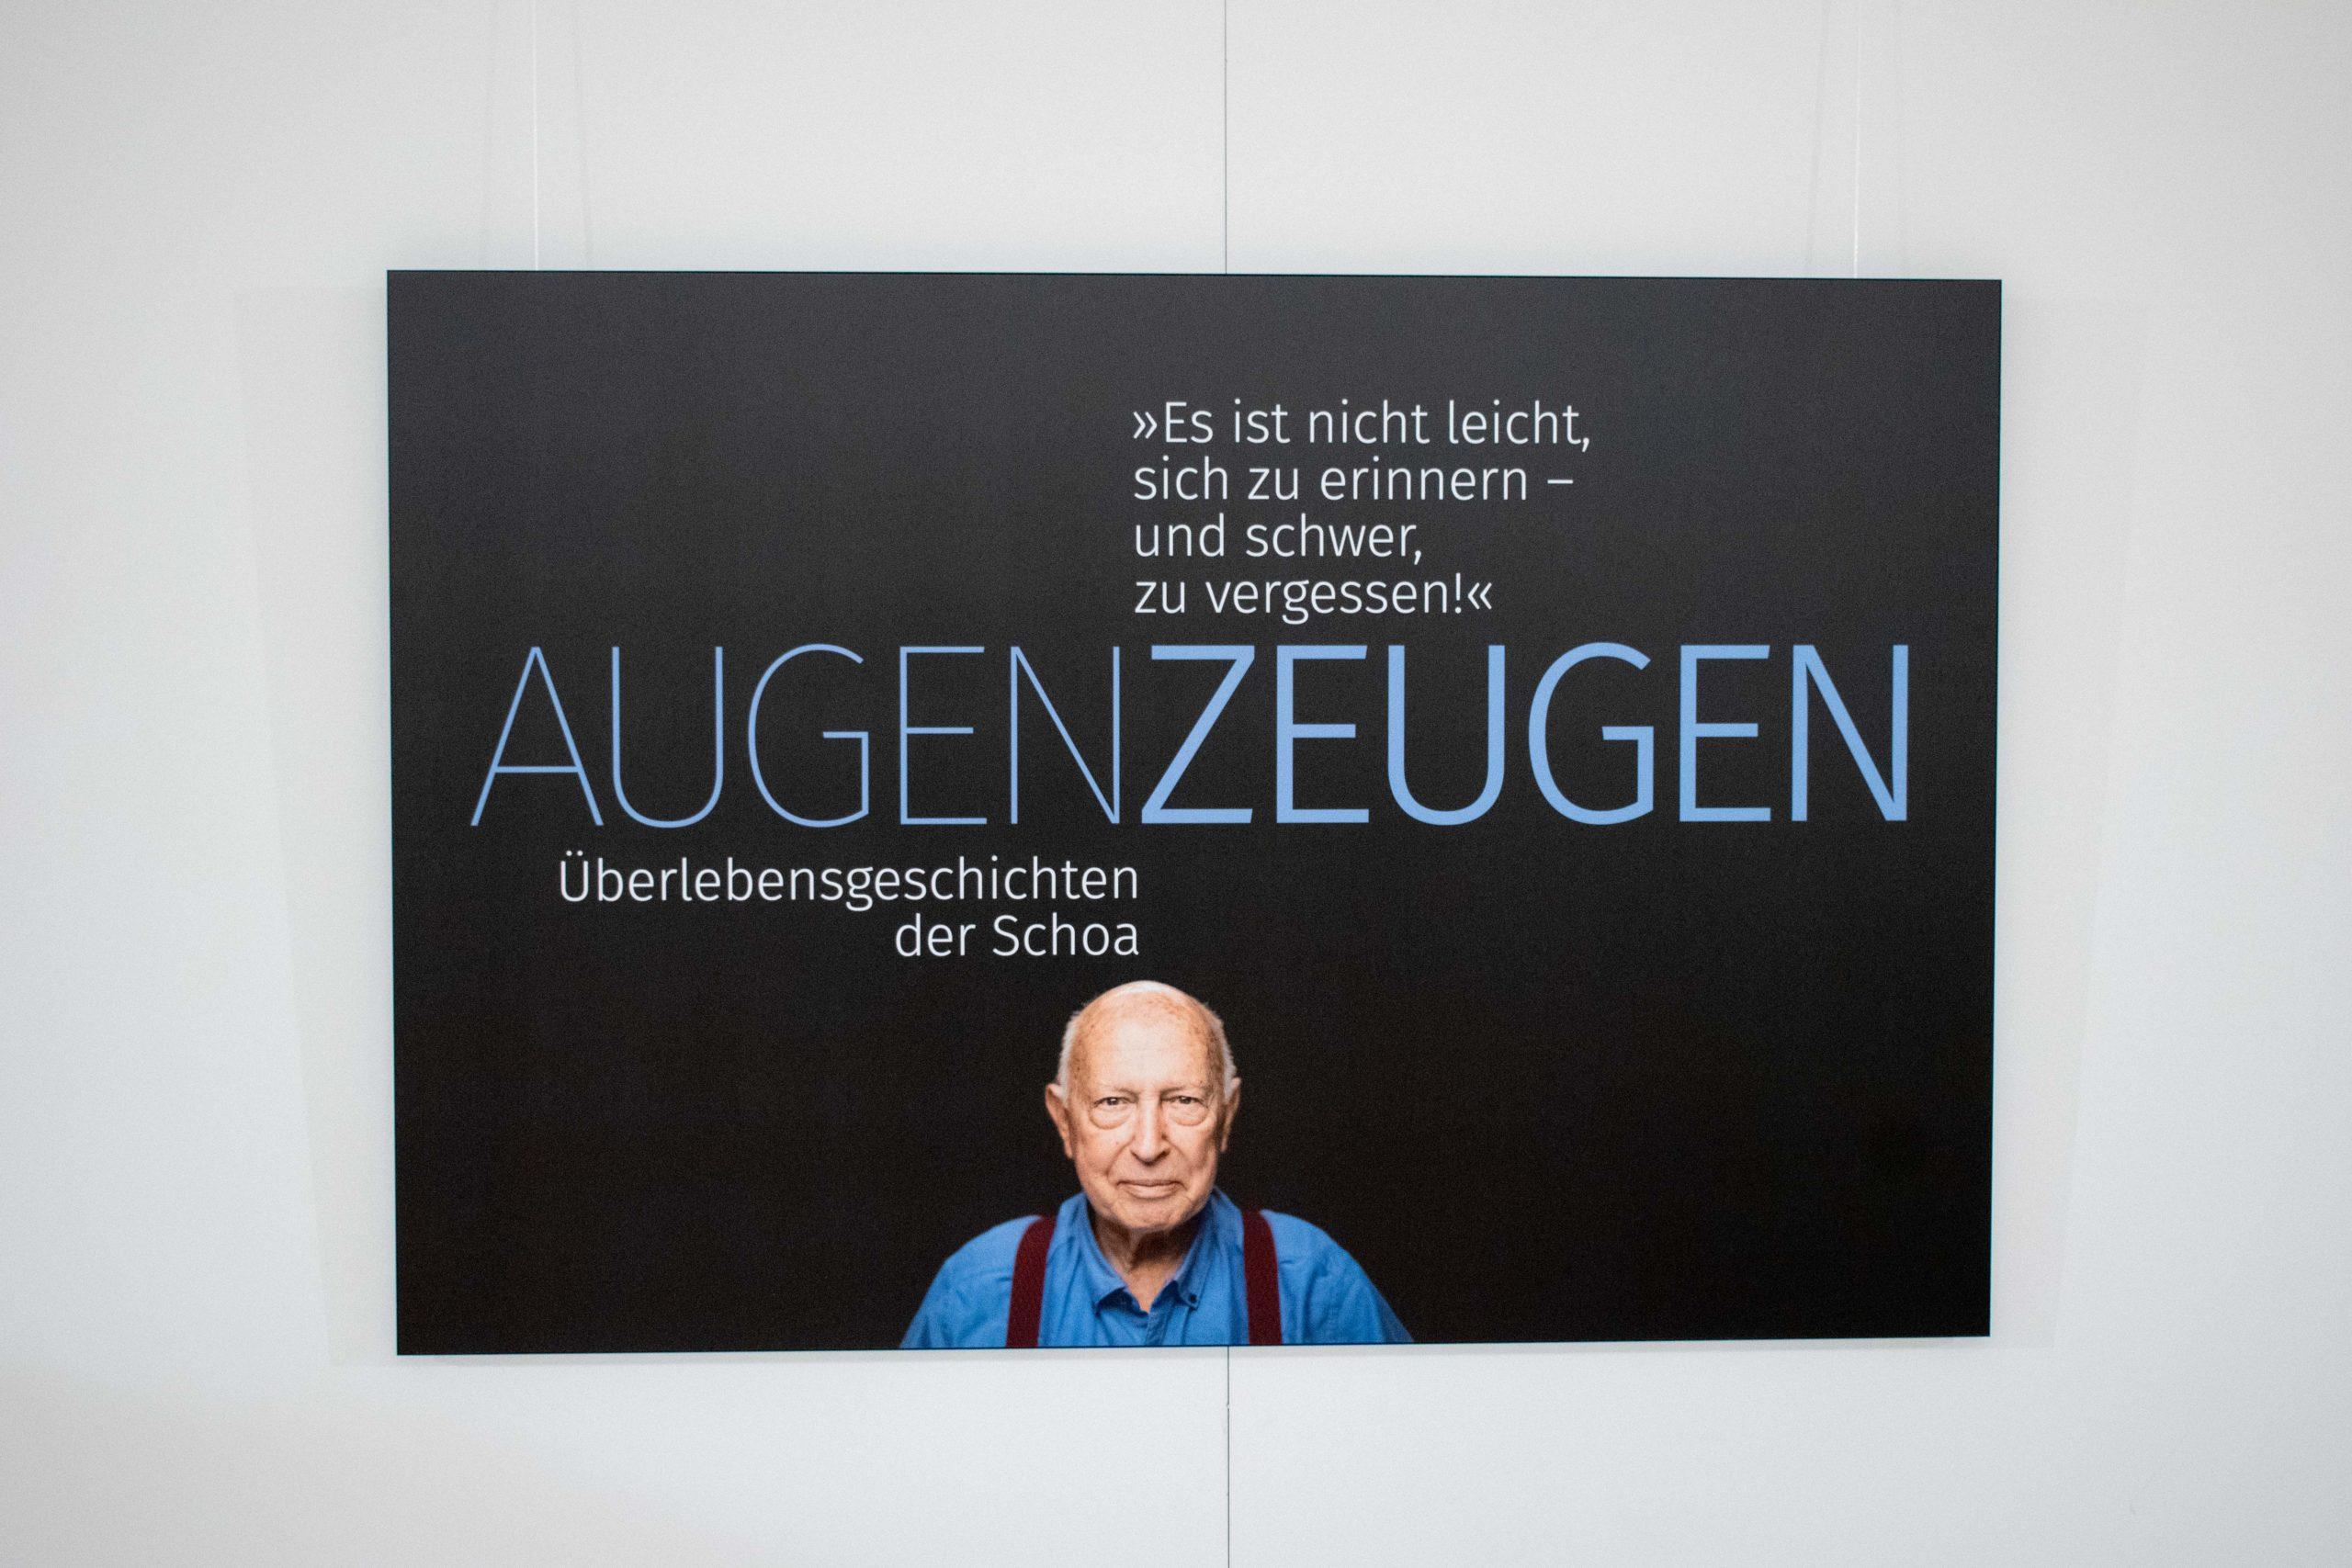 Eröffnung: AugenZeugen – Überlebensgeschichten der Schoa – Eine Fotoausstellung